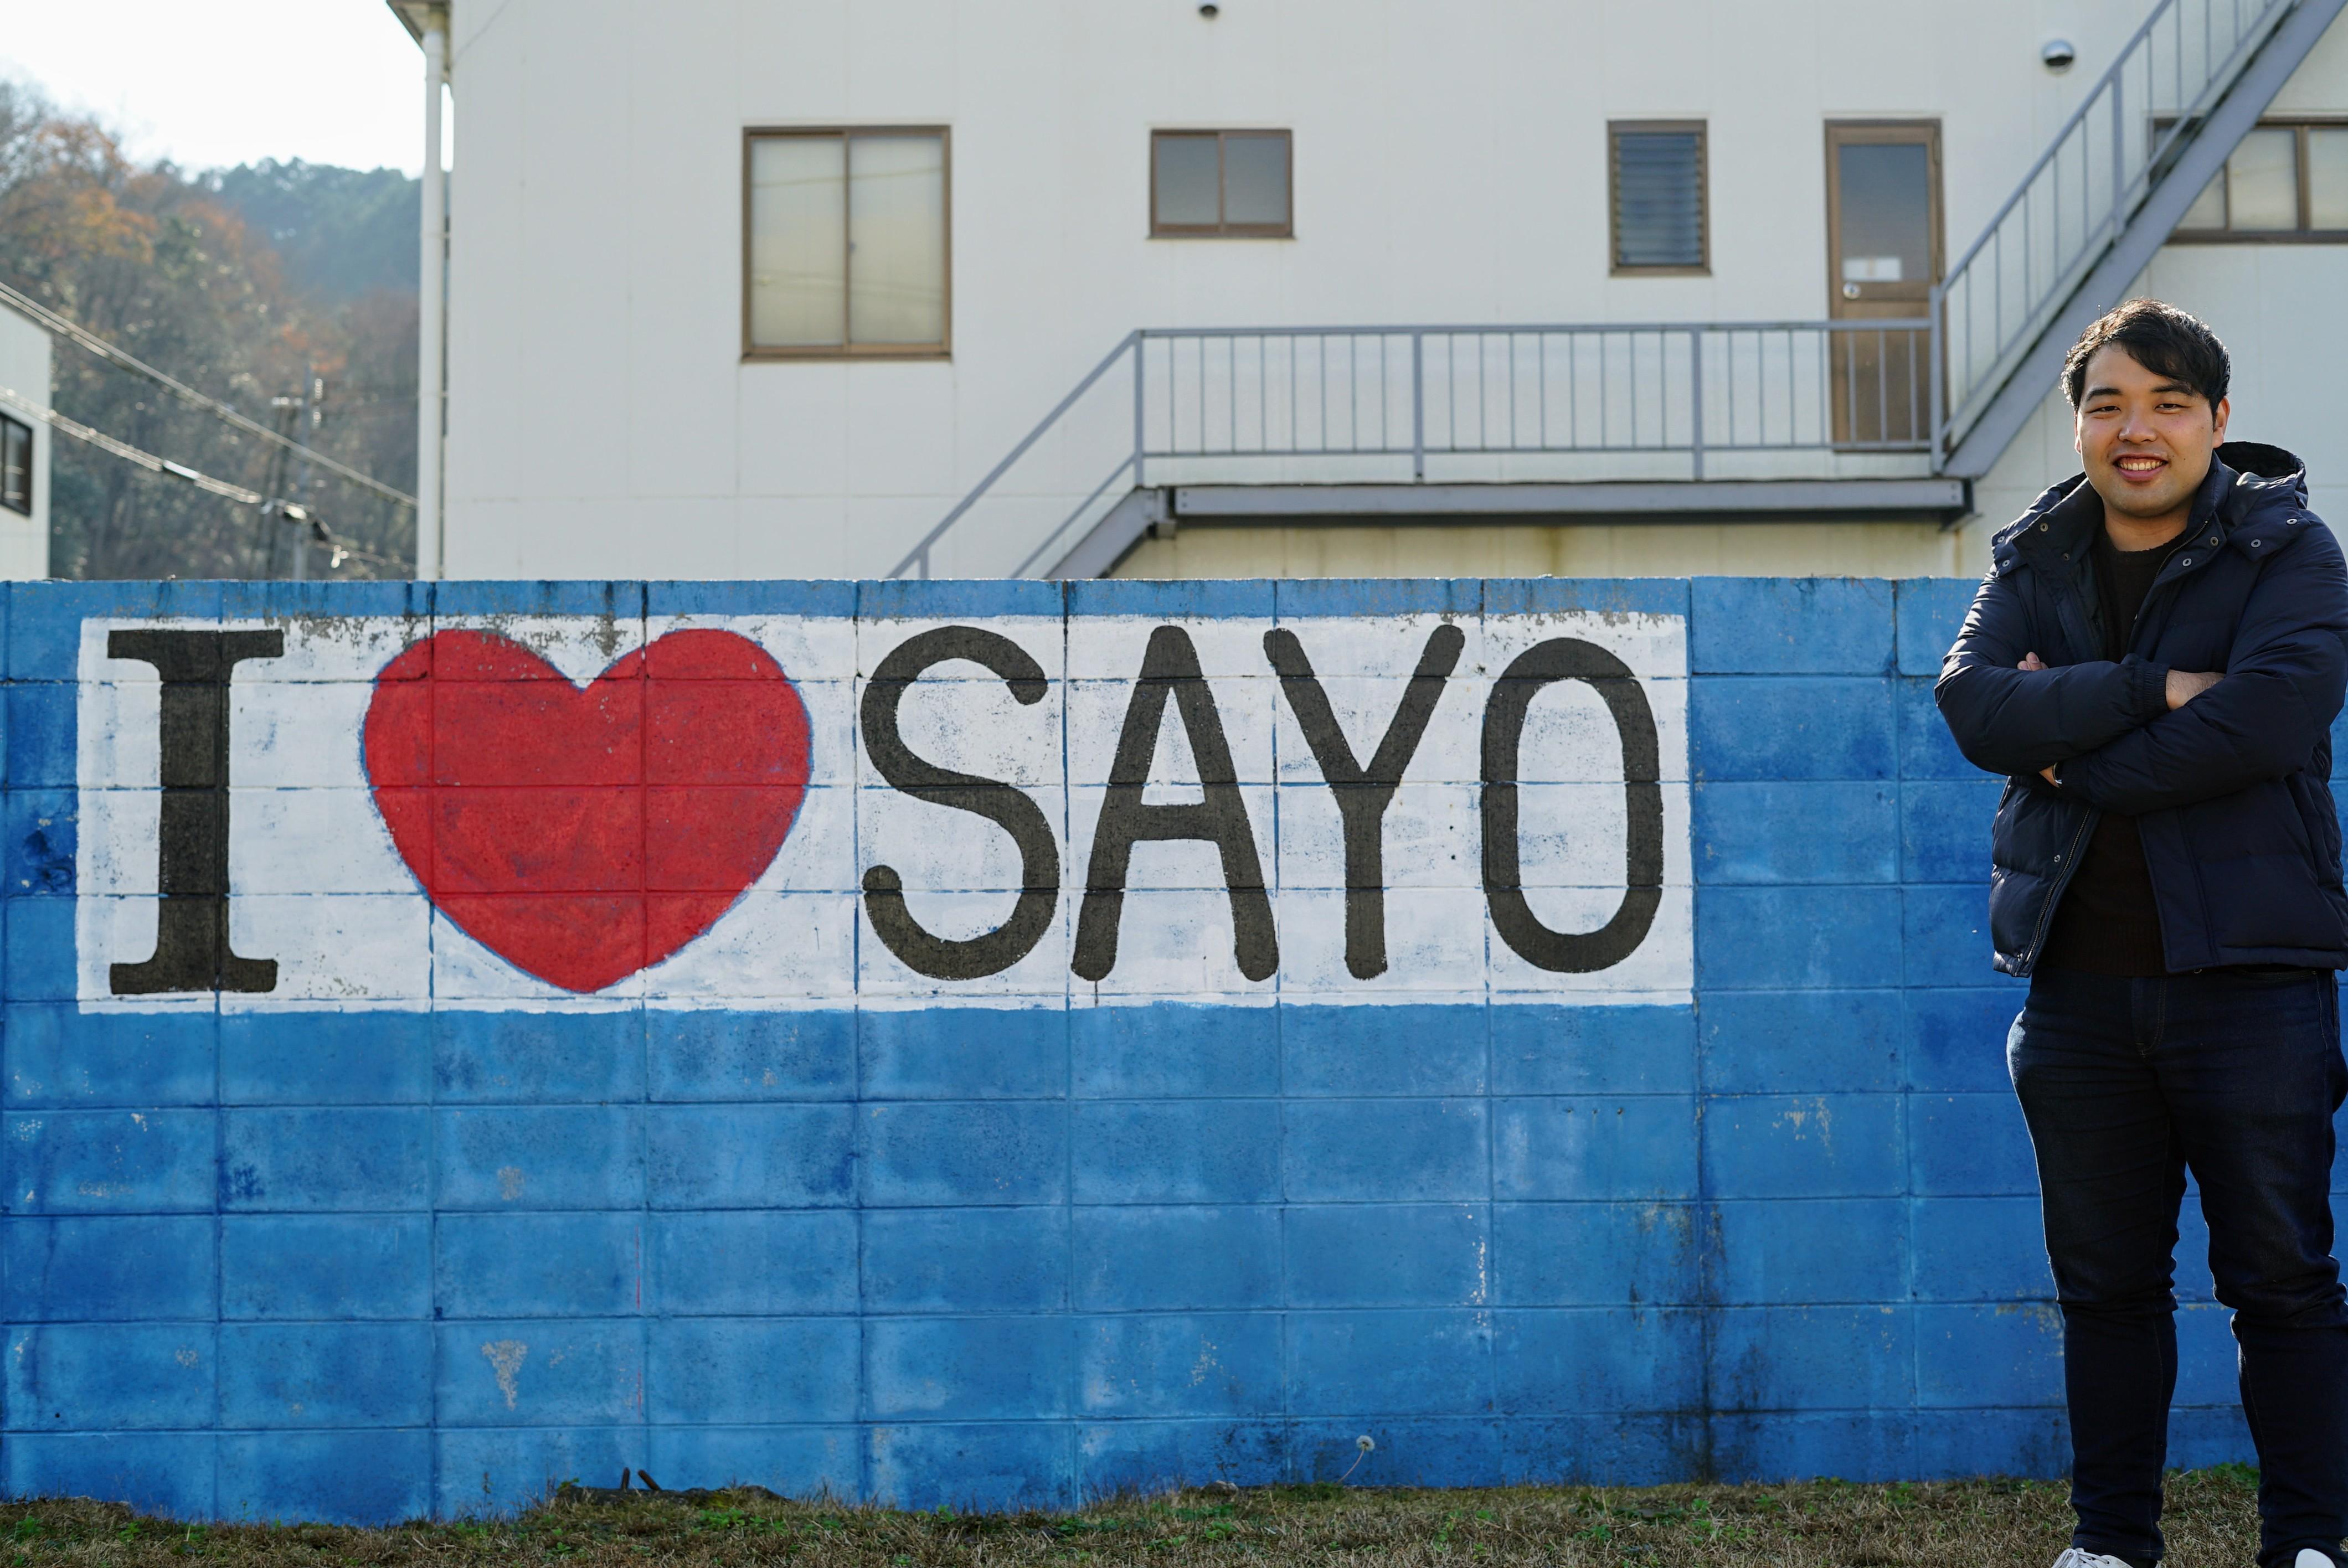 大阪からきた小仁さん(地域おこし協力隊)に「佐用ぐらし」について聞いてみた